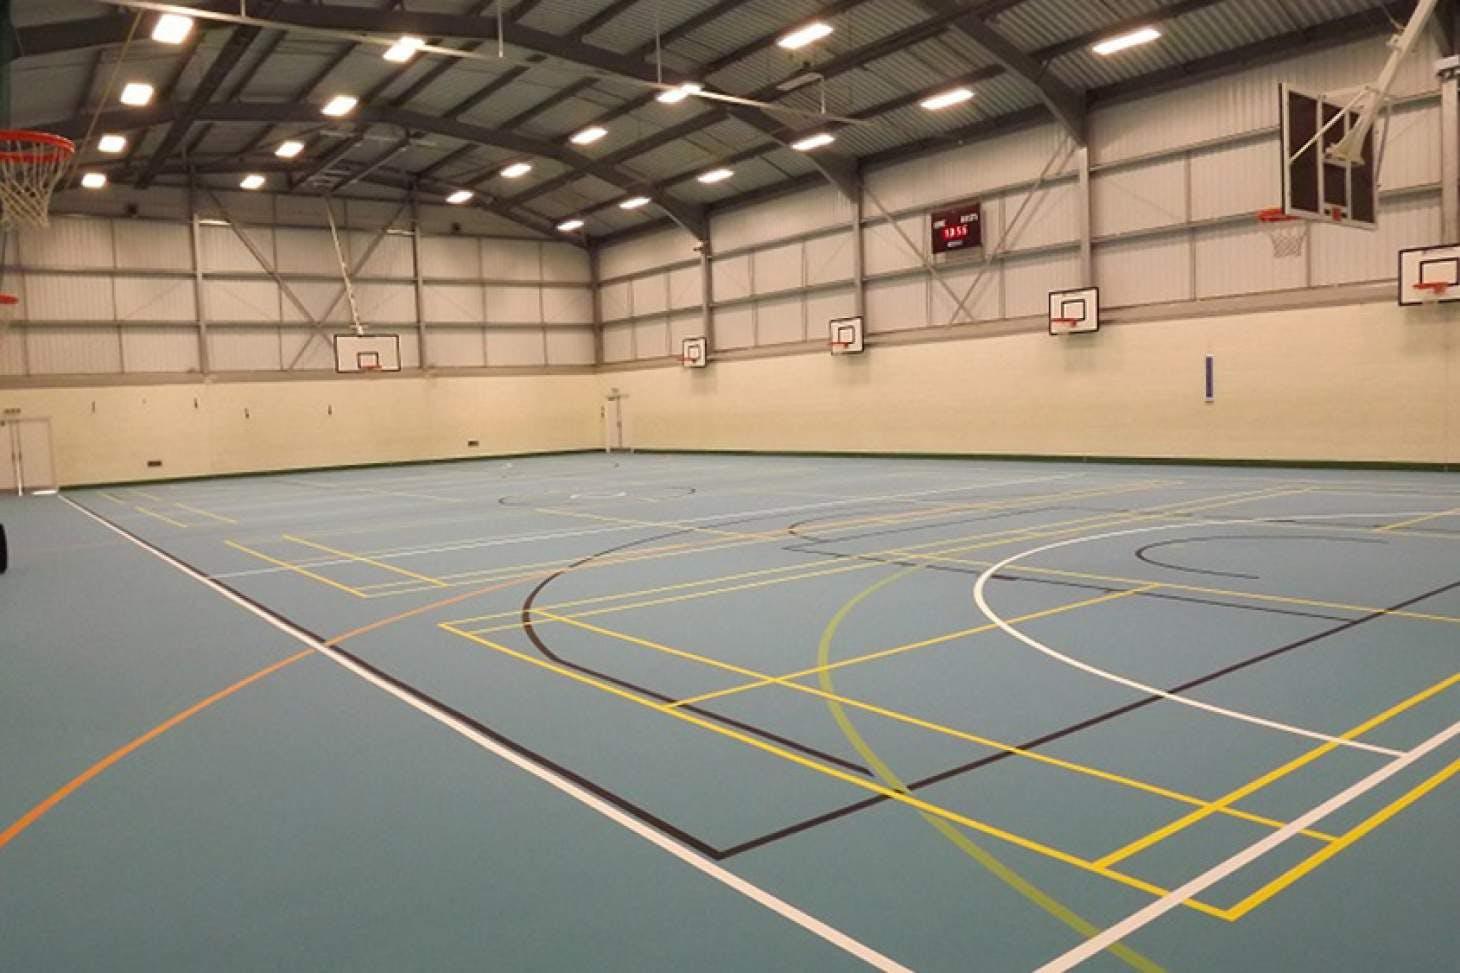 Dr Challoner's High School Indoor   Hard badminton court